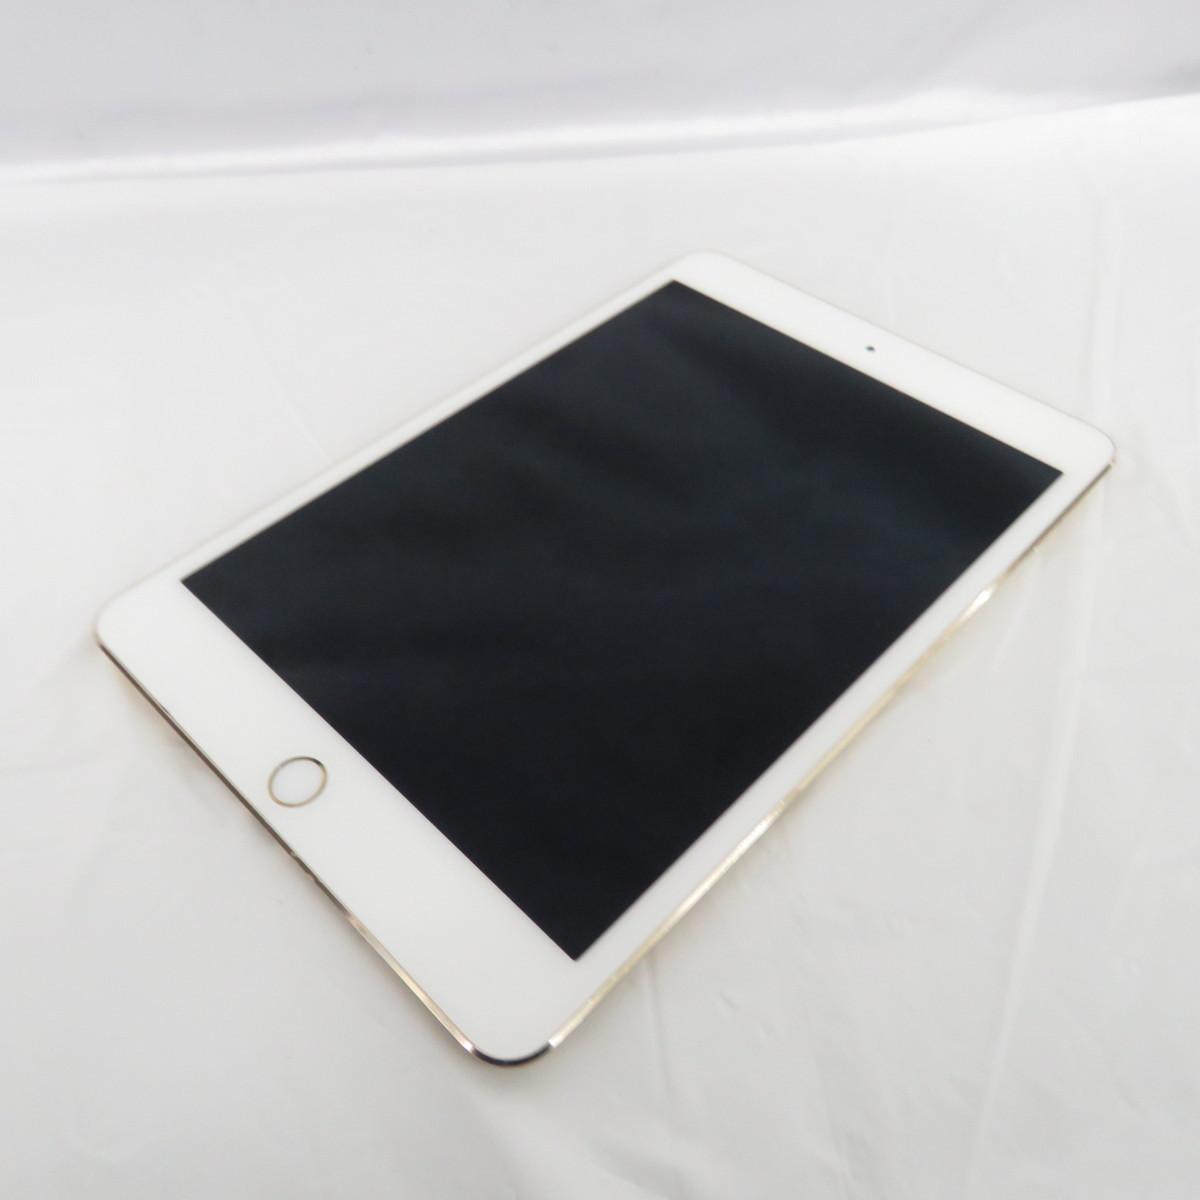 【中古品】Apple アップル タブレット iPad mini4 128GB MK9Q2J/A Wi-Fiモデル ゴールド 本体のみ 10674287